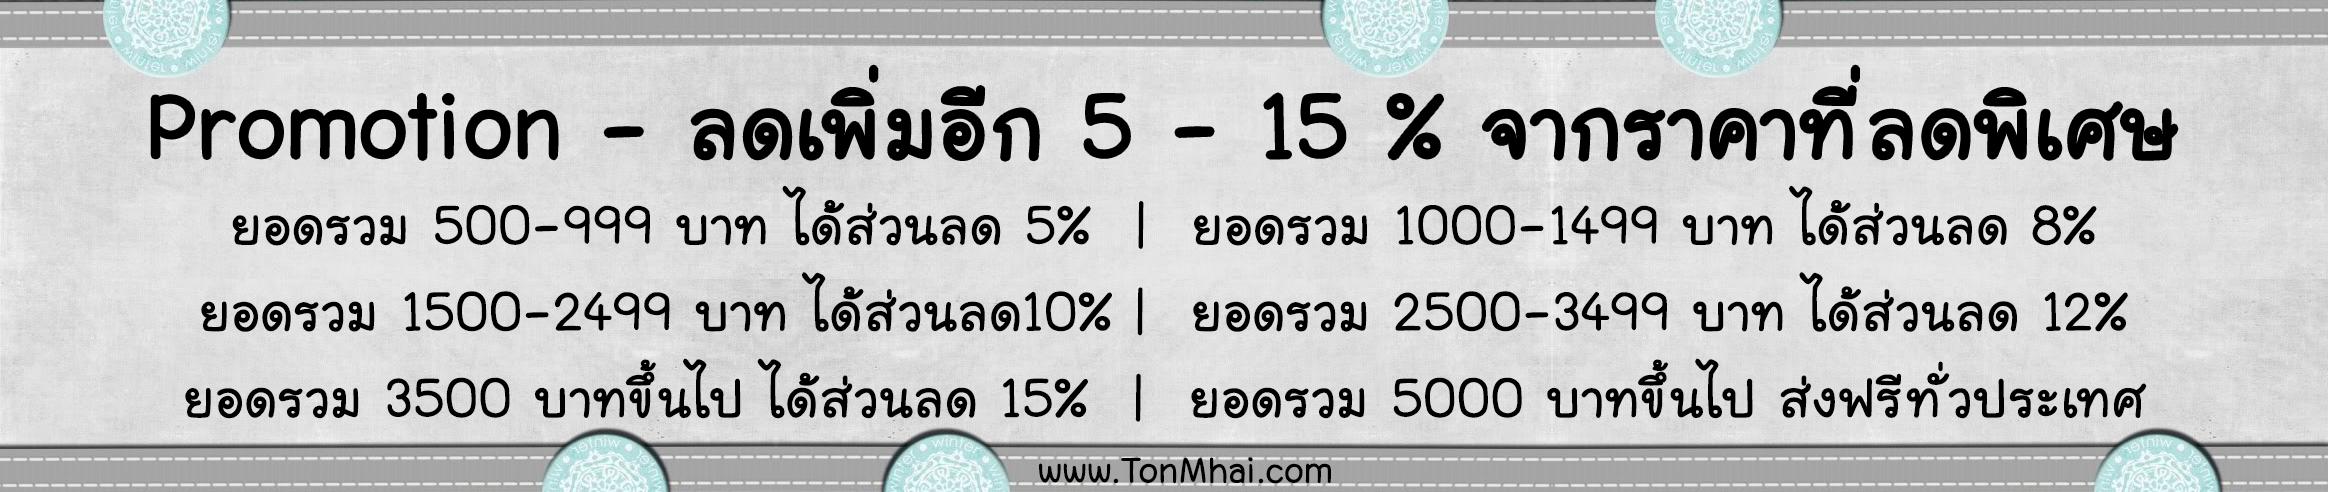 โปรโมชั่นที่ 2 ลดเพิ่มอีก 5-15%